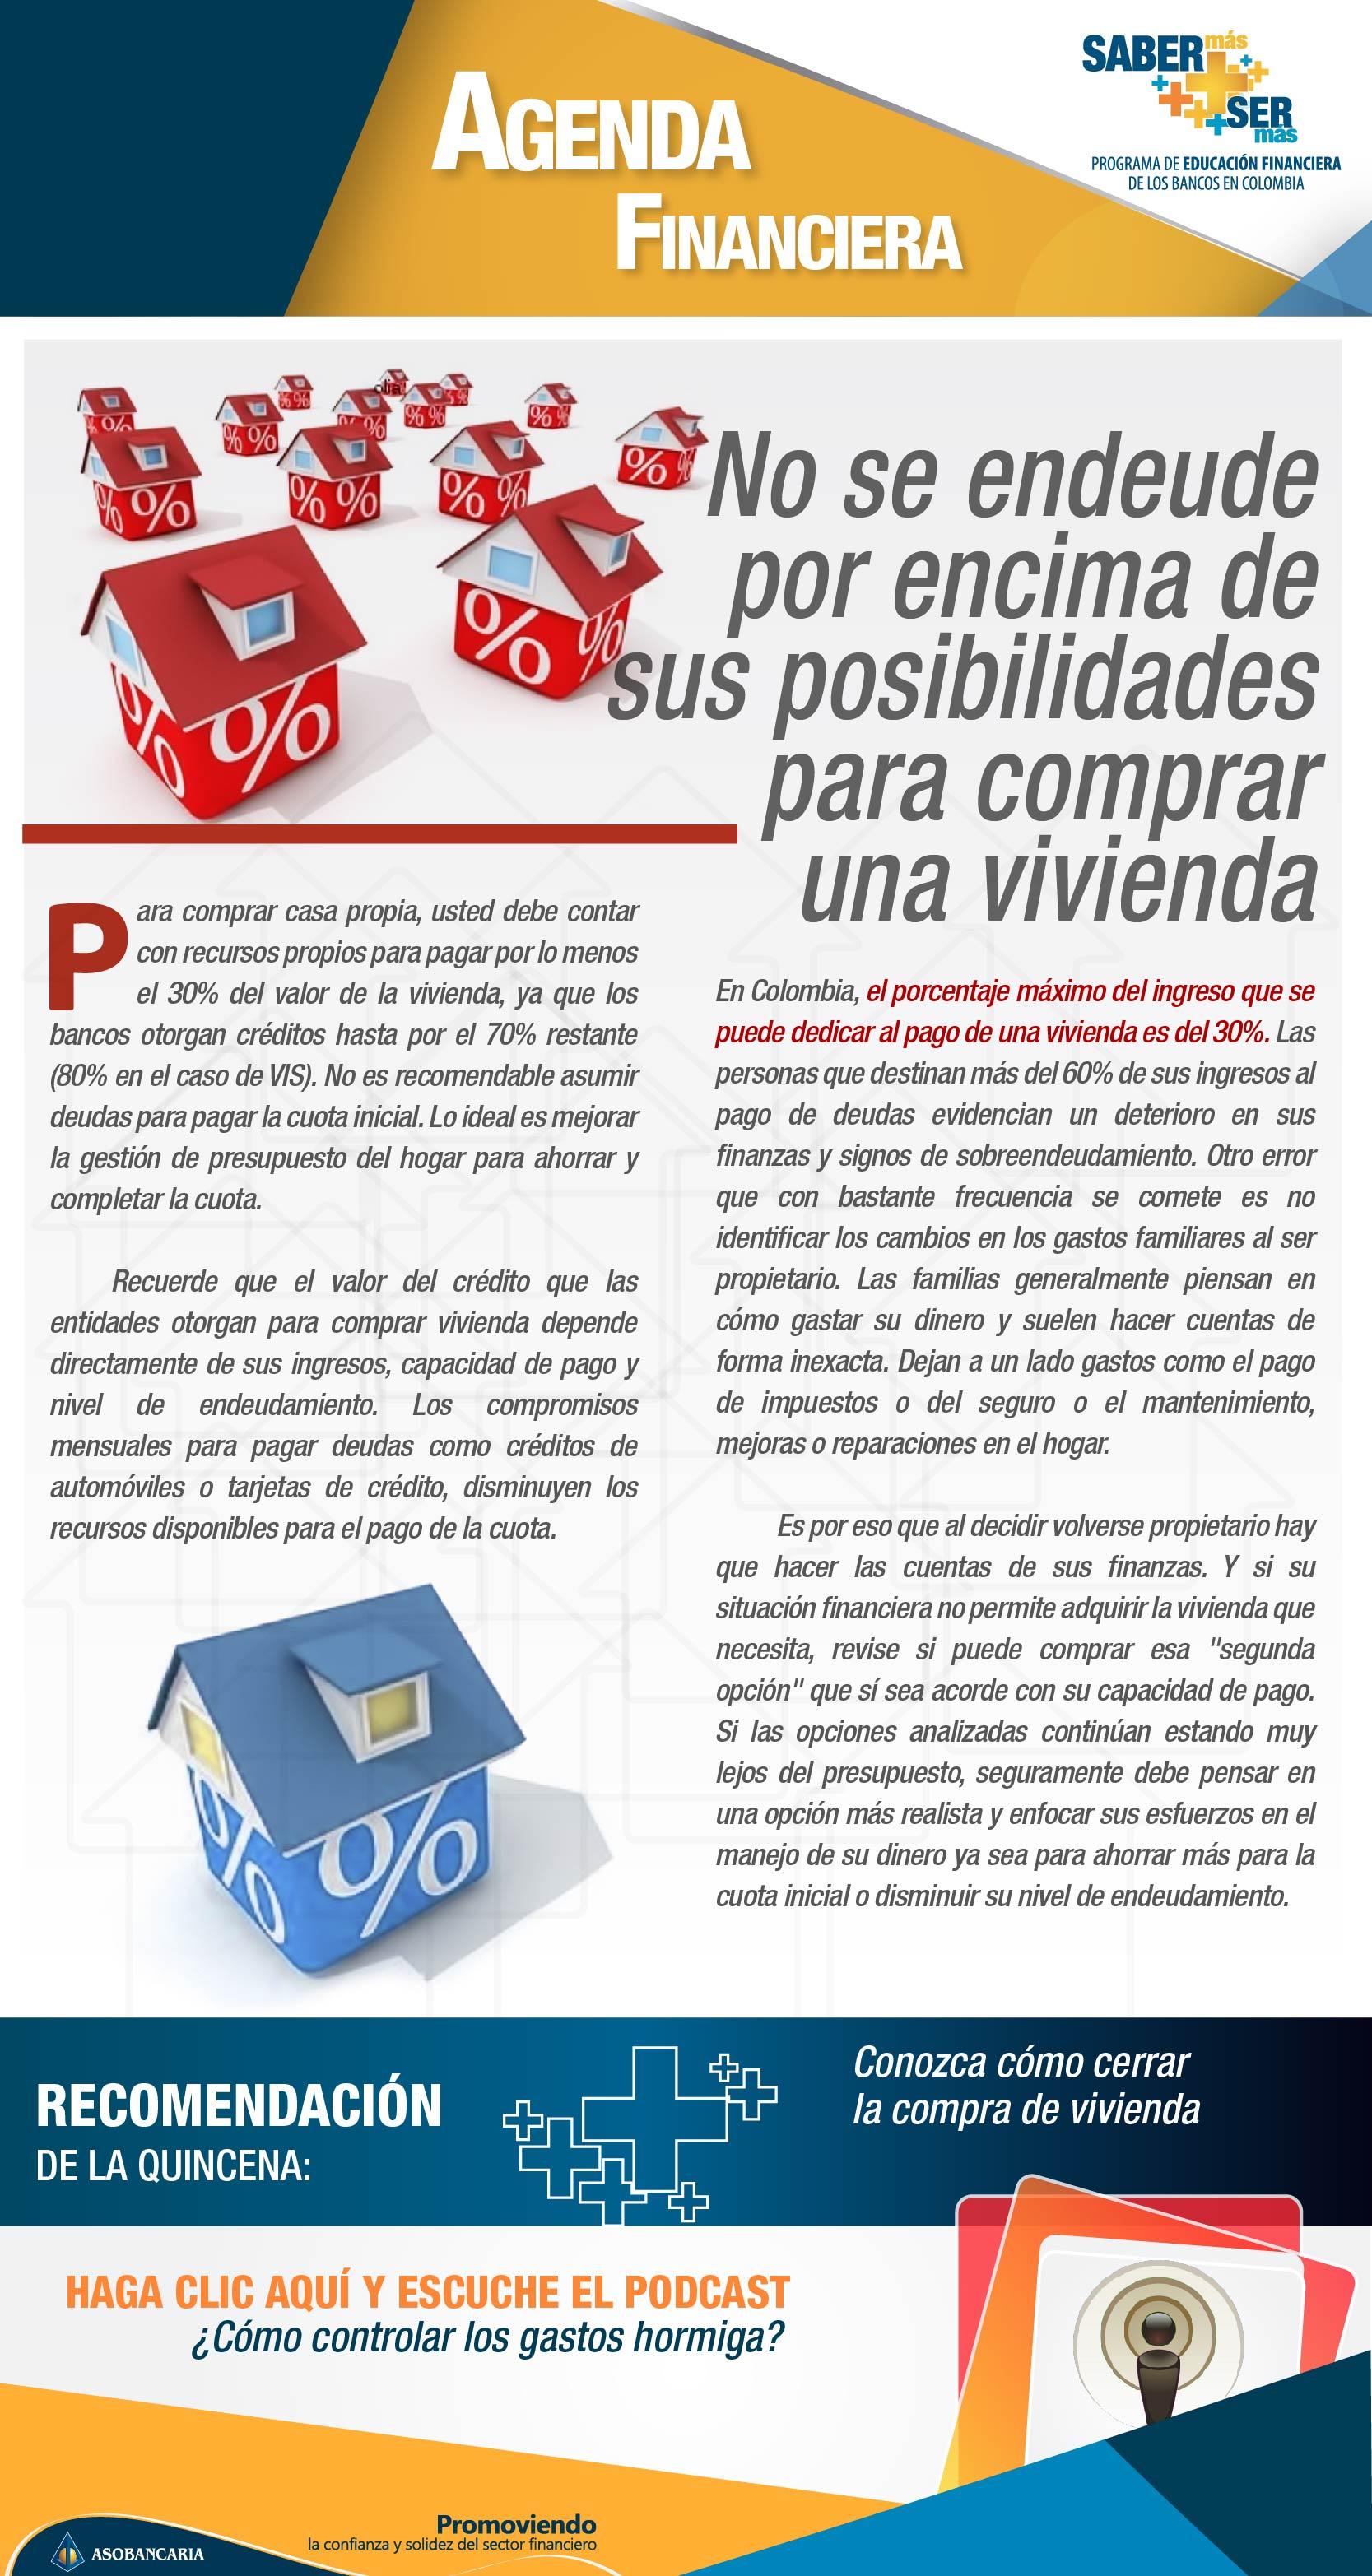 Boletin 10 - No se endeude por encima de sus posibilidades para comprar una vivienda